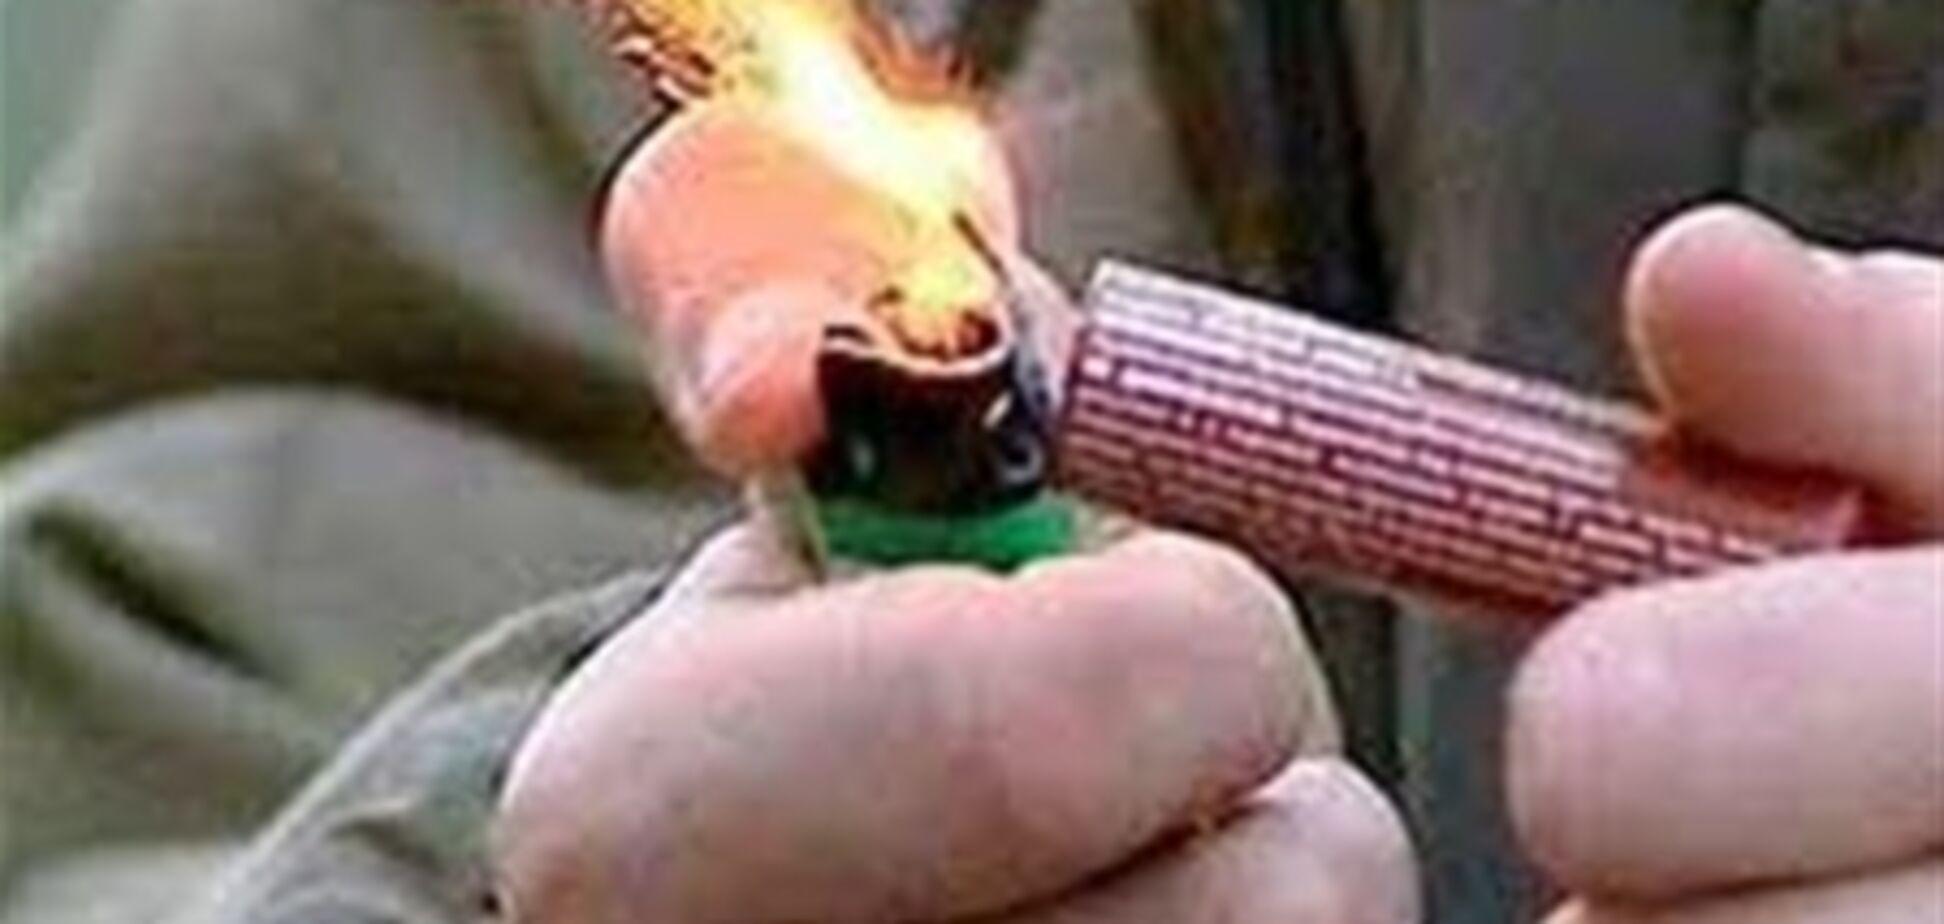 Двоє дітей підірвалися на саморобній вибухівці у Керчі